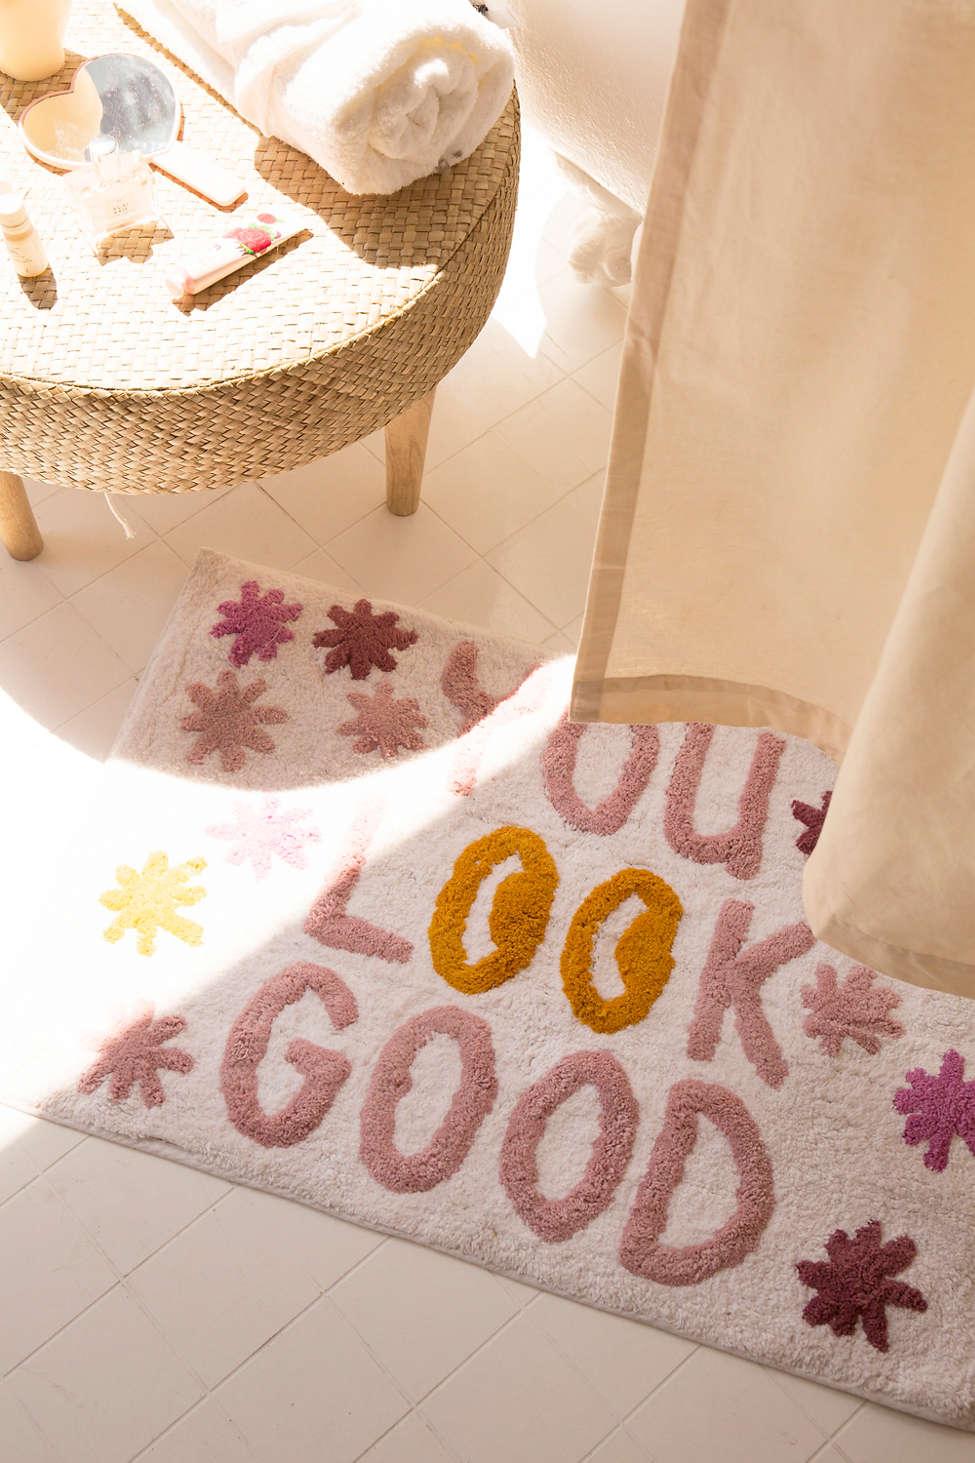 Slide View: 1: You Look Good Bath Mat